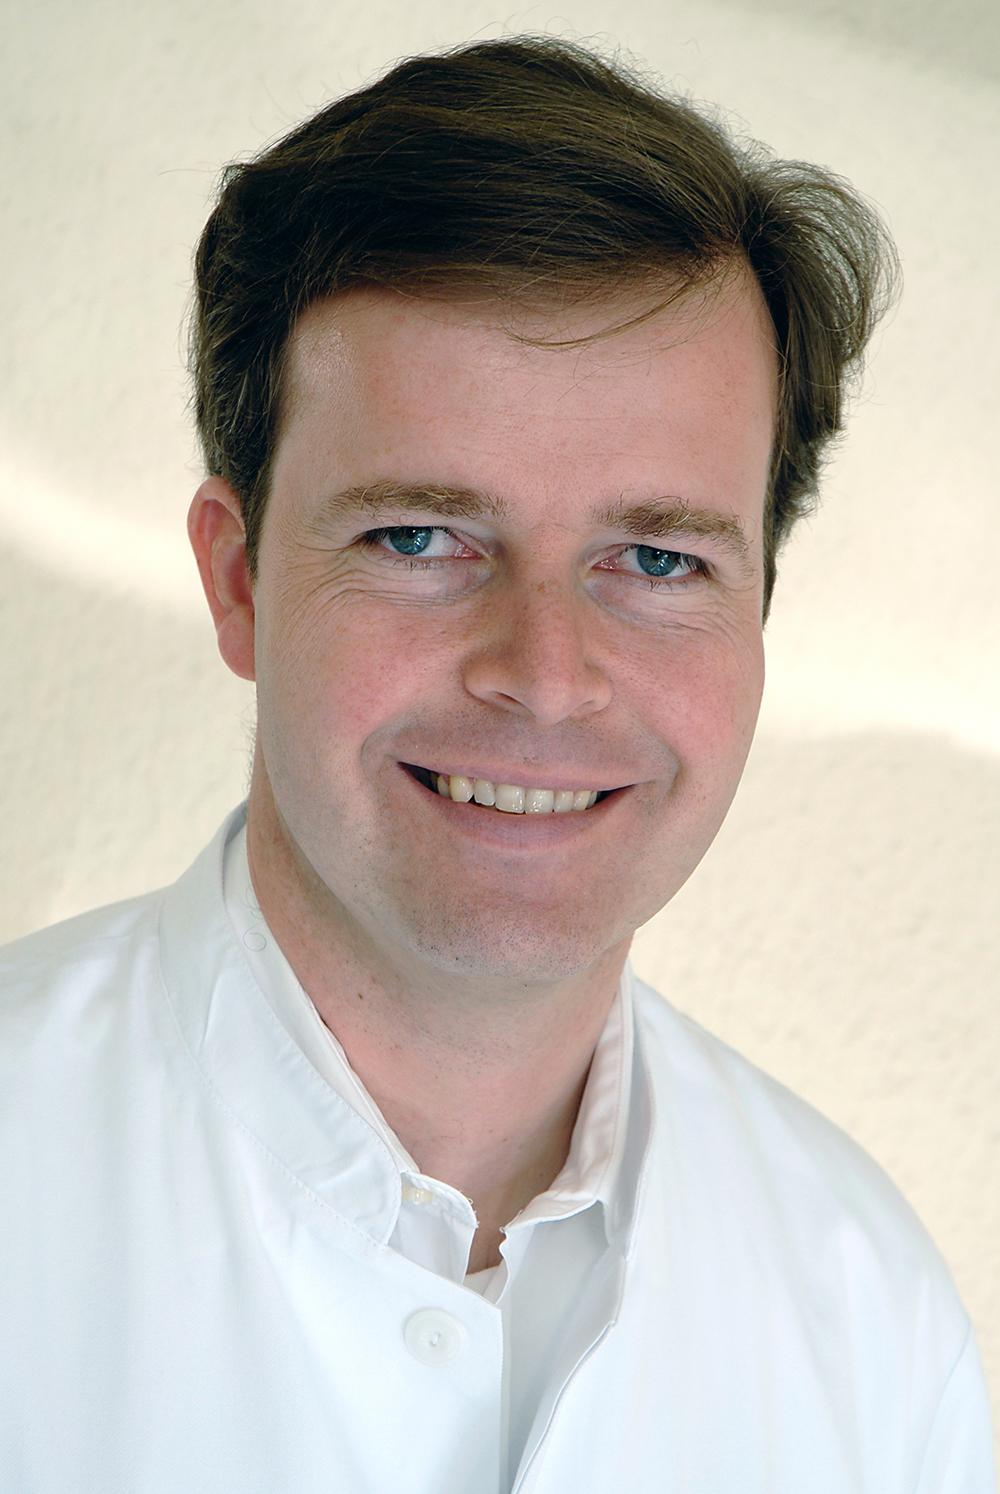 Prof. Dr. med. Götz Schade ist neuer Präsident der DGPP + + + mehr: